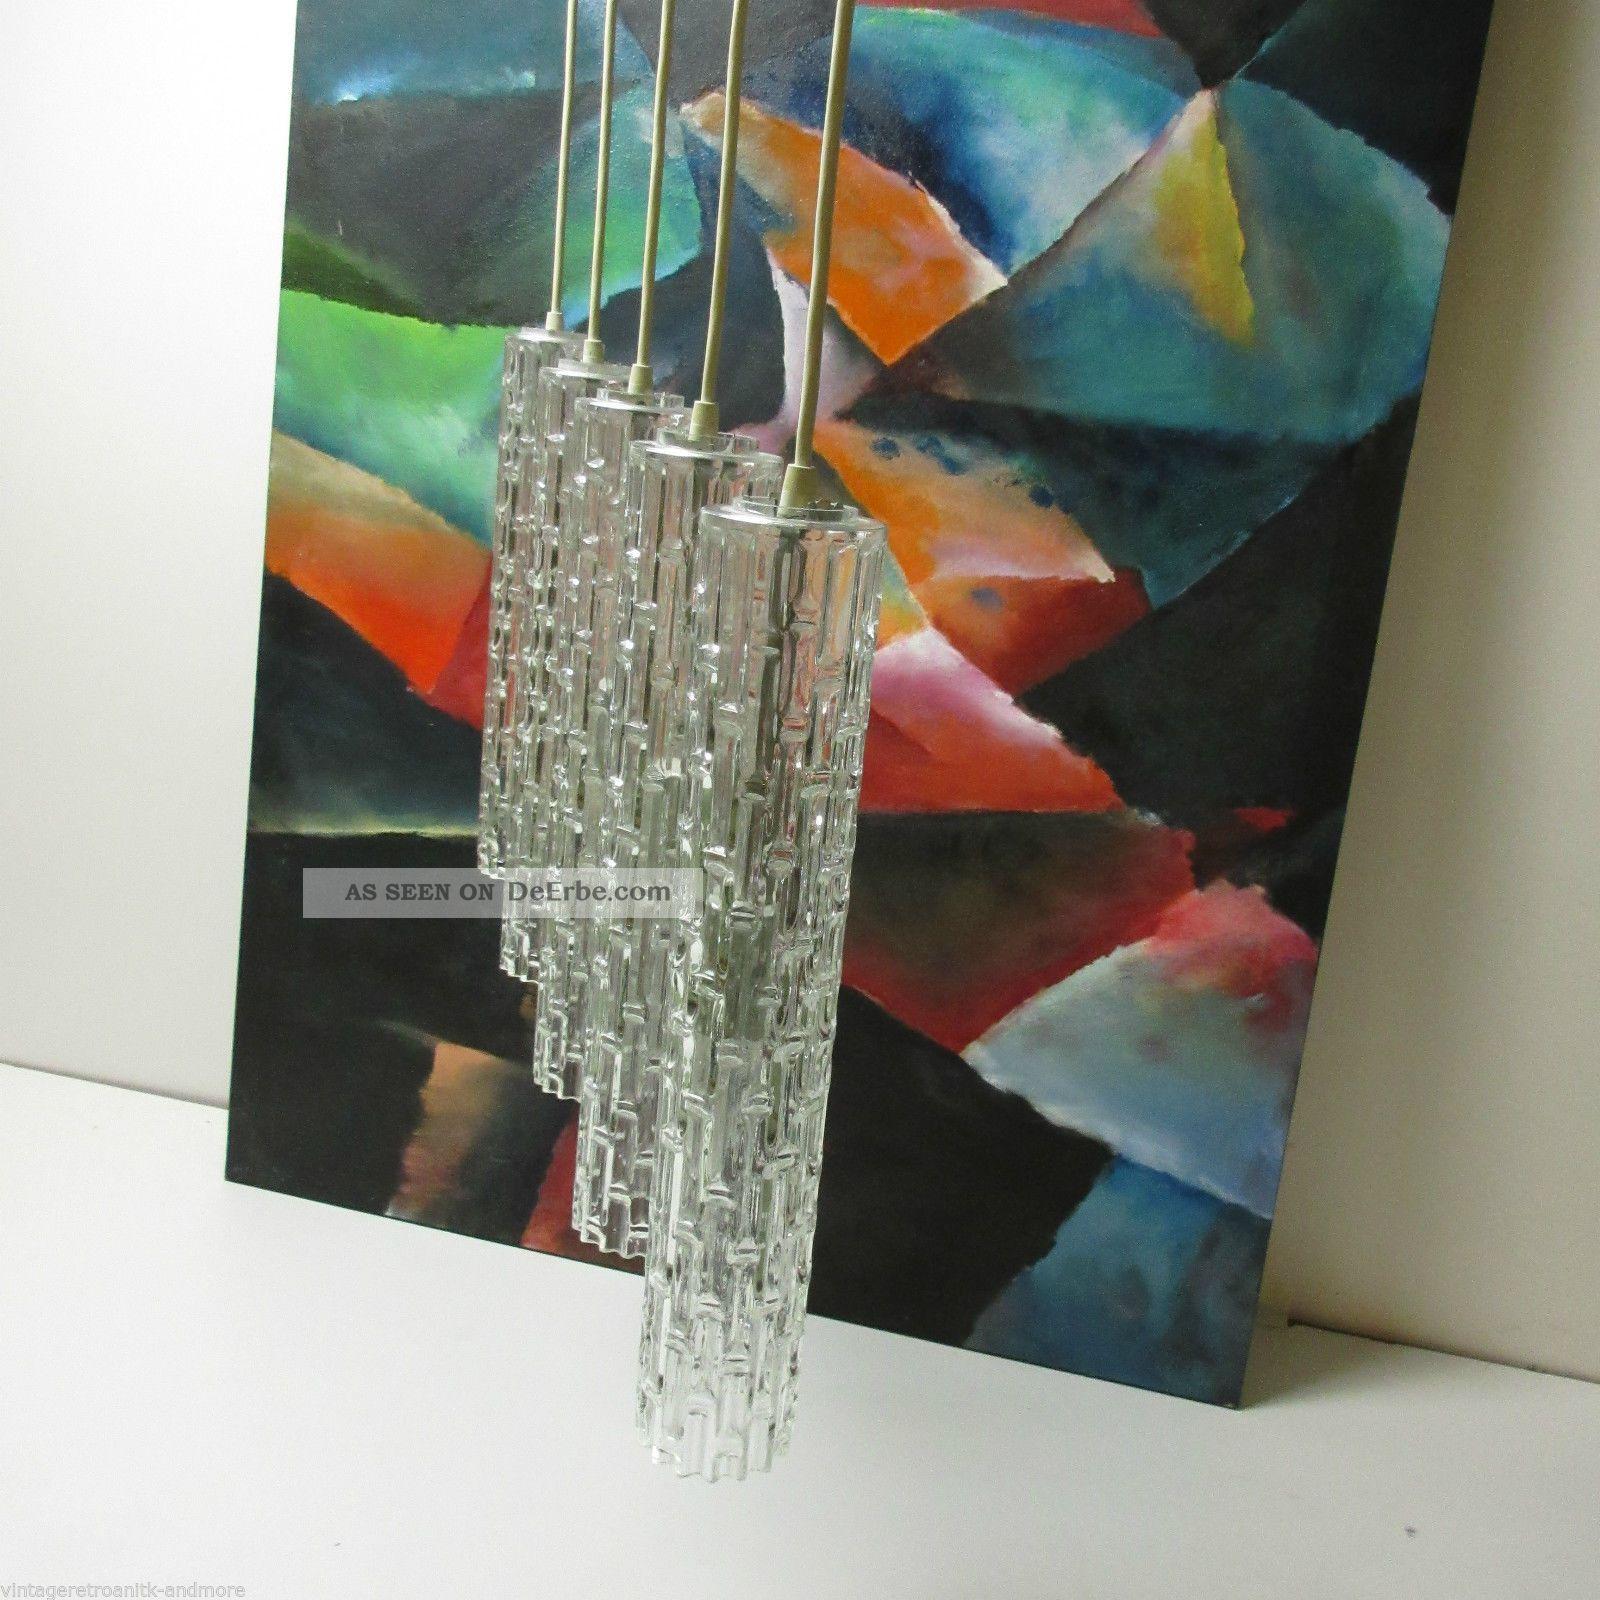 Arteluce Era Glas Hängelampe Pendel Leuchte Kaskade 60er/70er Wohn/esszimmer